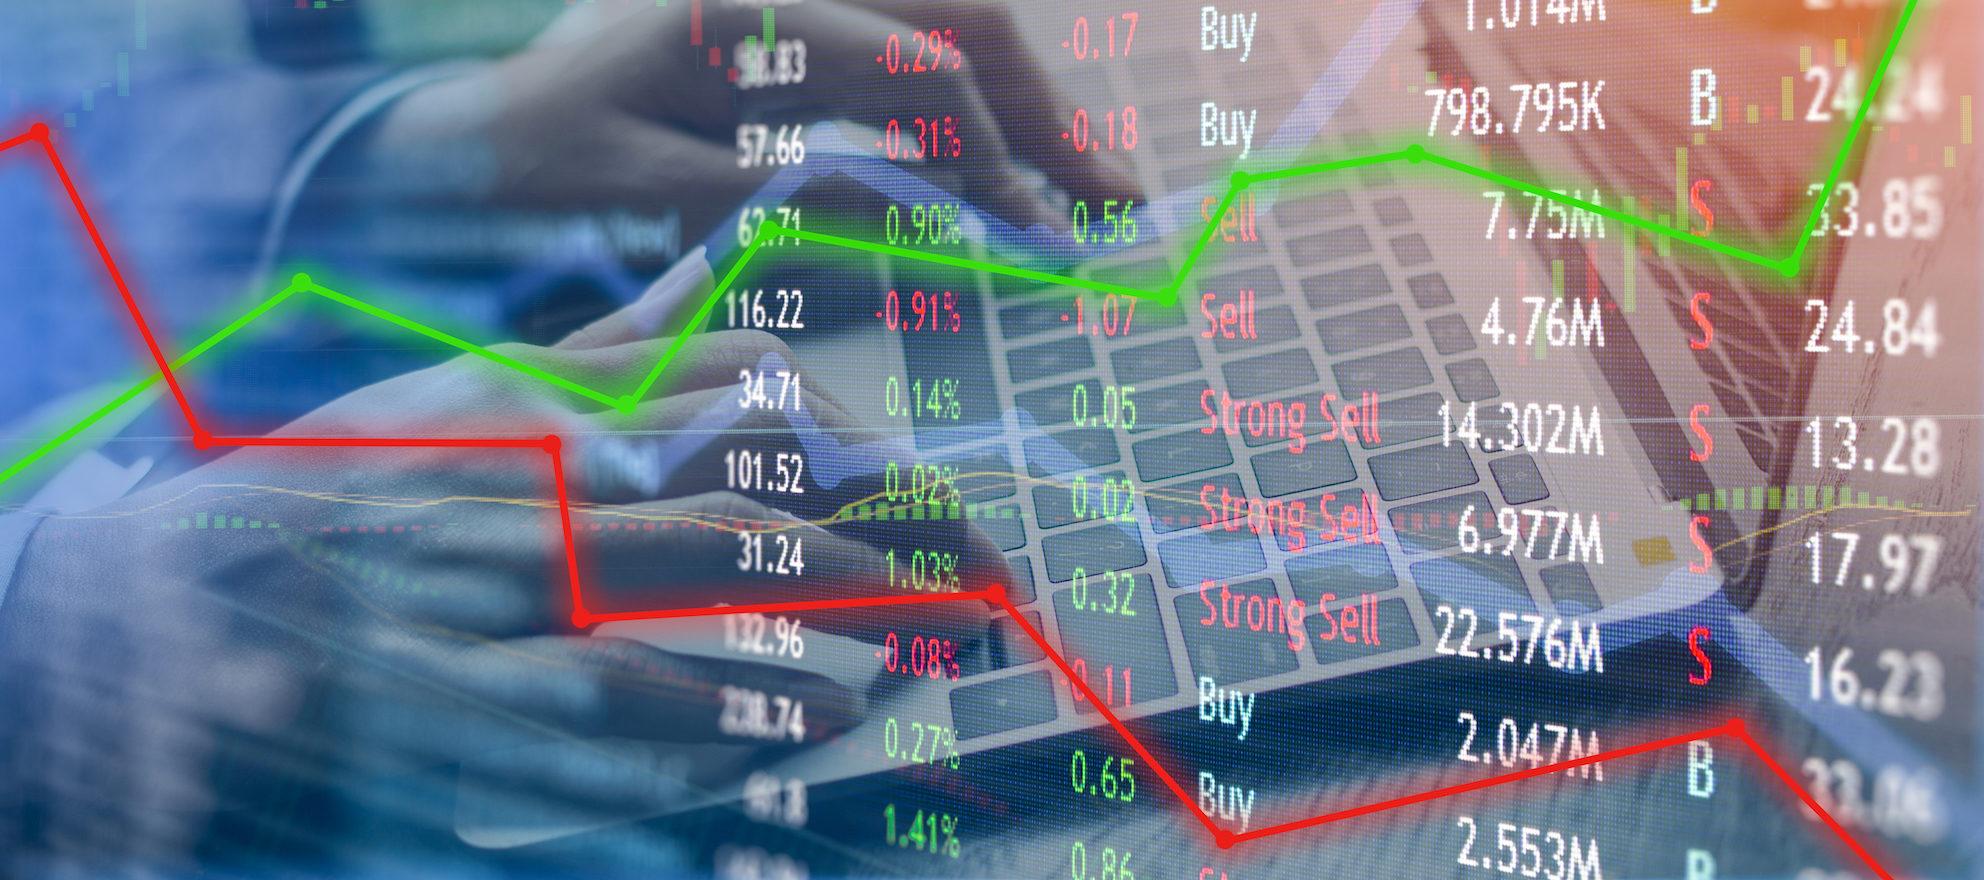 EXp World Holdings revenue soars 212%